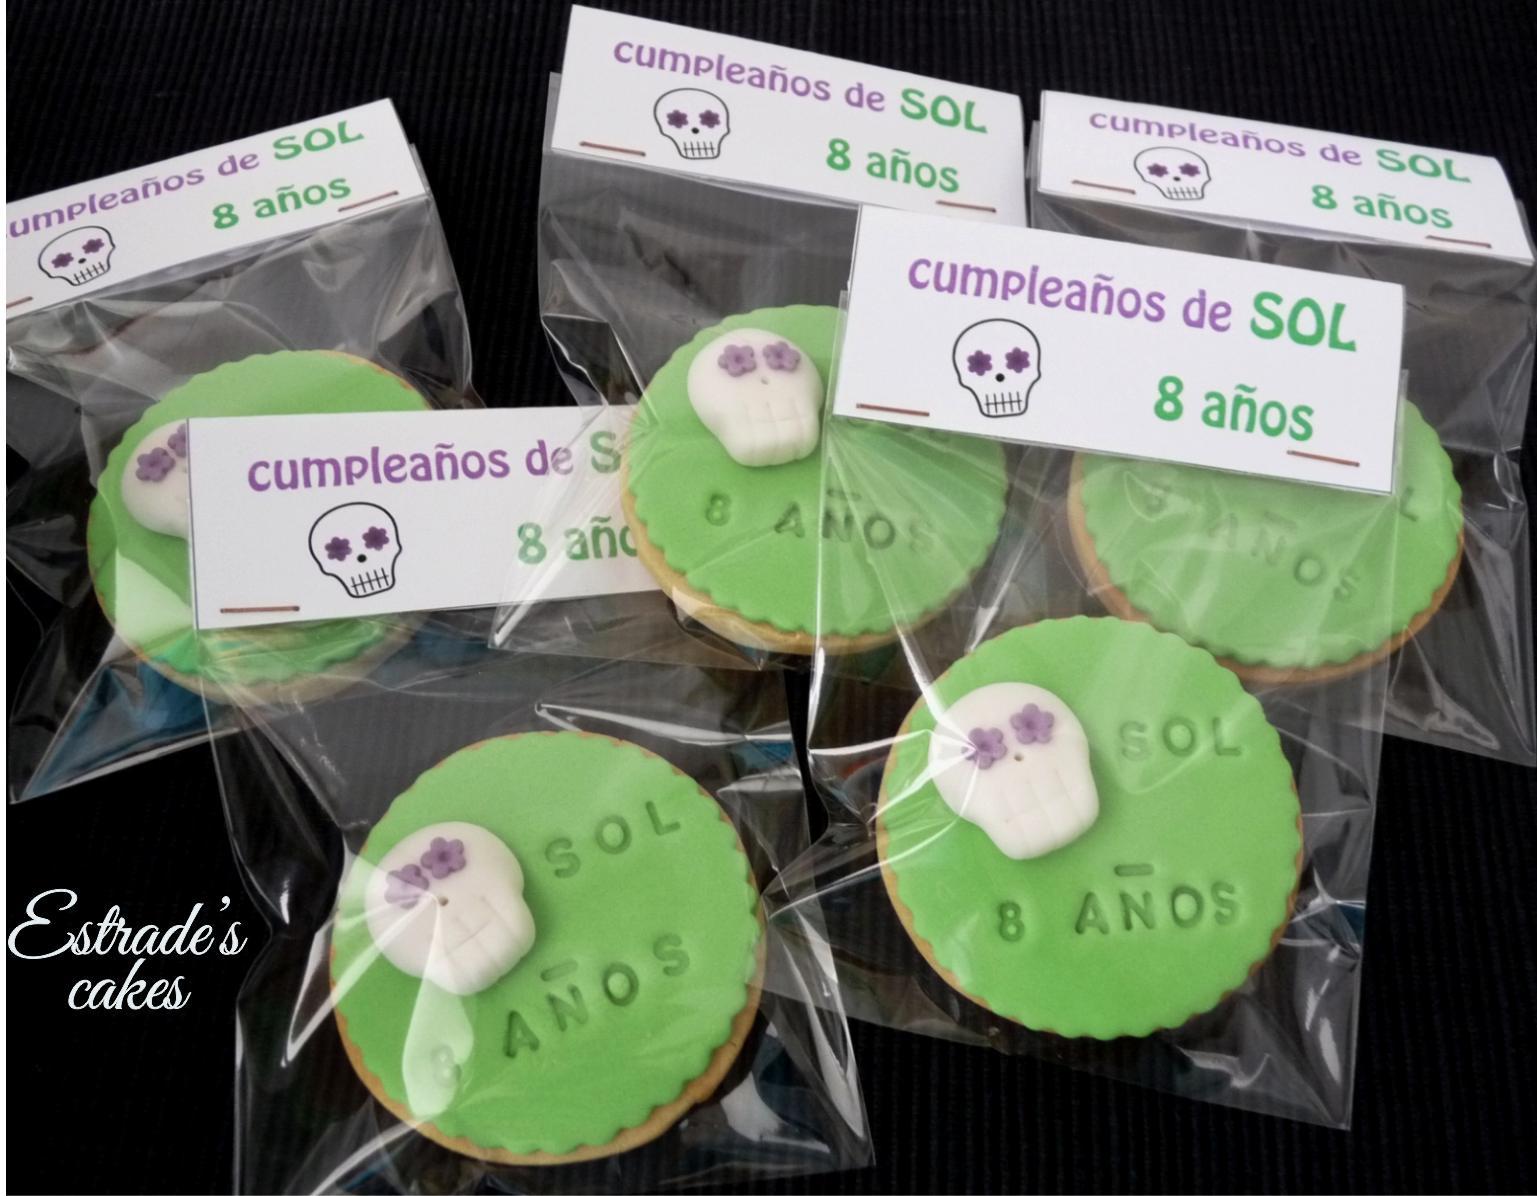 galletas con calavera - 4